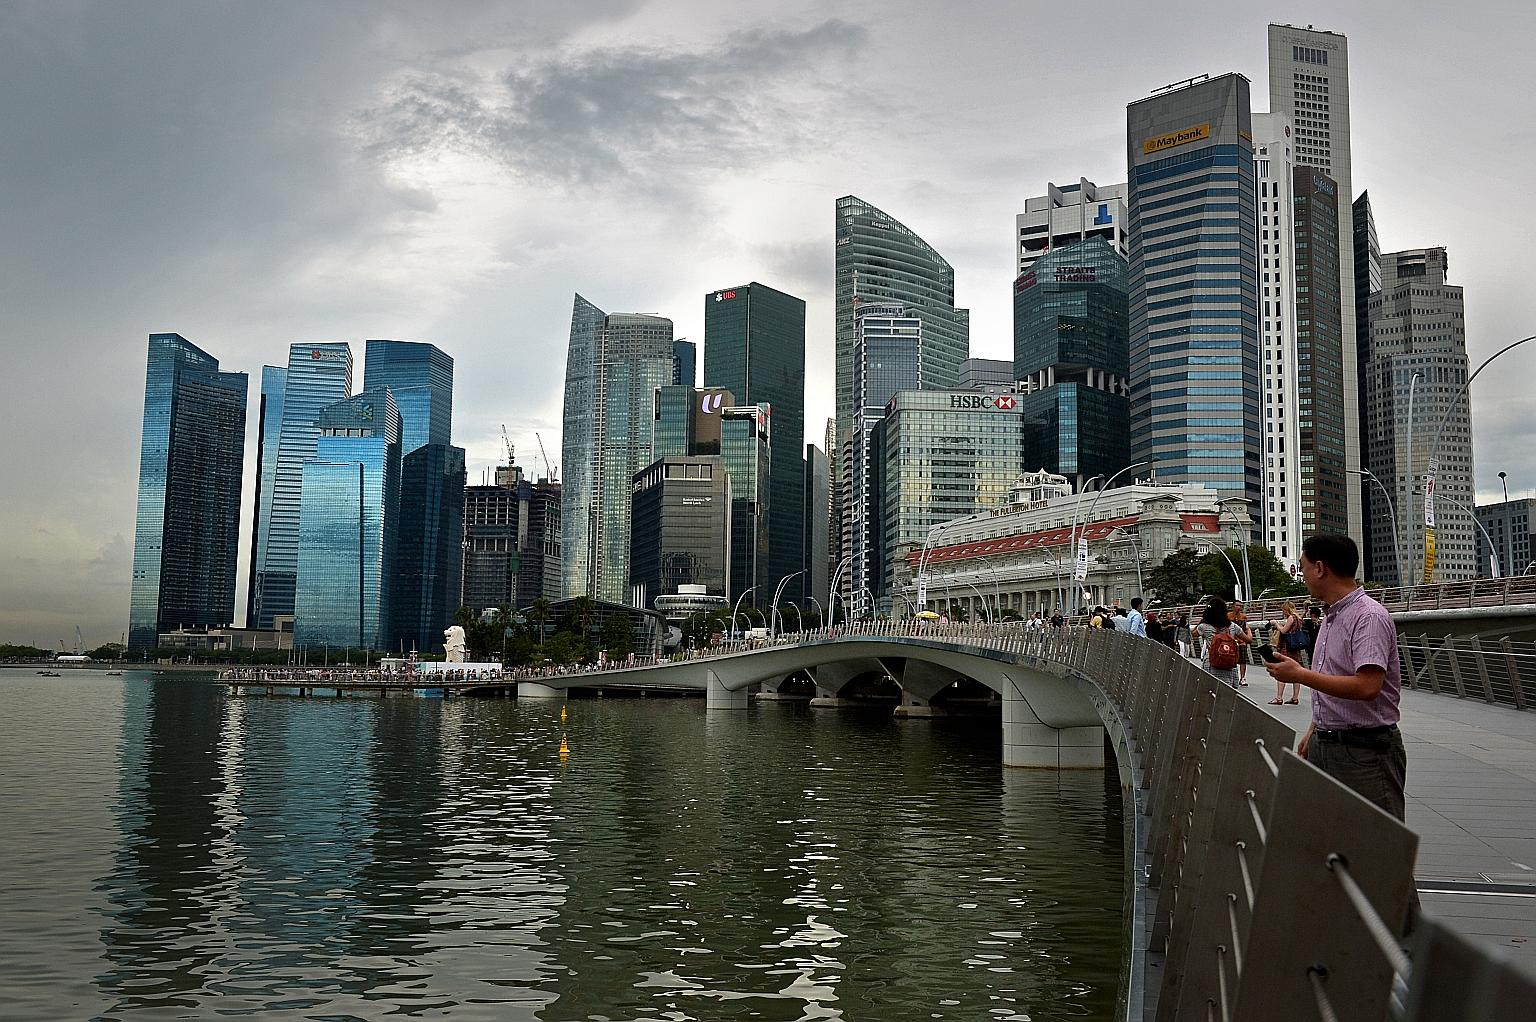 Trung tâm tài chính Singapore. Ảnh: straittimes